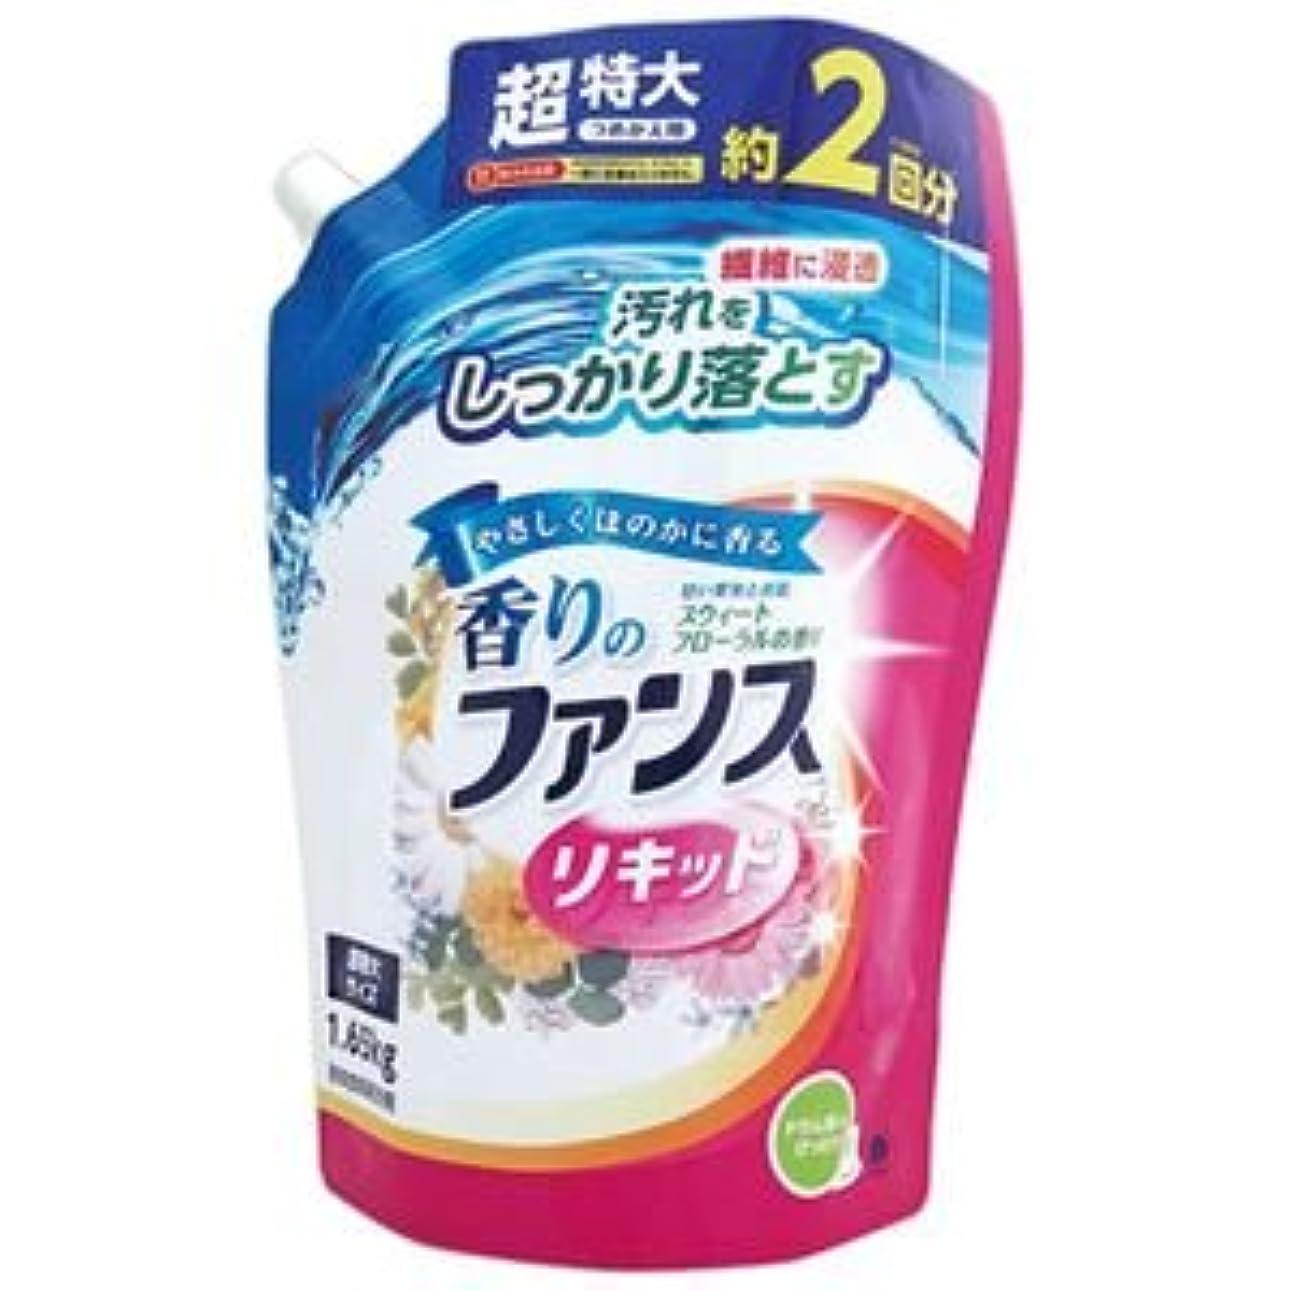 メロディー発生器旅行(まとめ) 第一石鹸 香りのファンス 液体衣料用洗剤リキッド 詰替用 1.65kg 1セット(6個) 【×2セット】